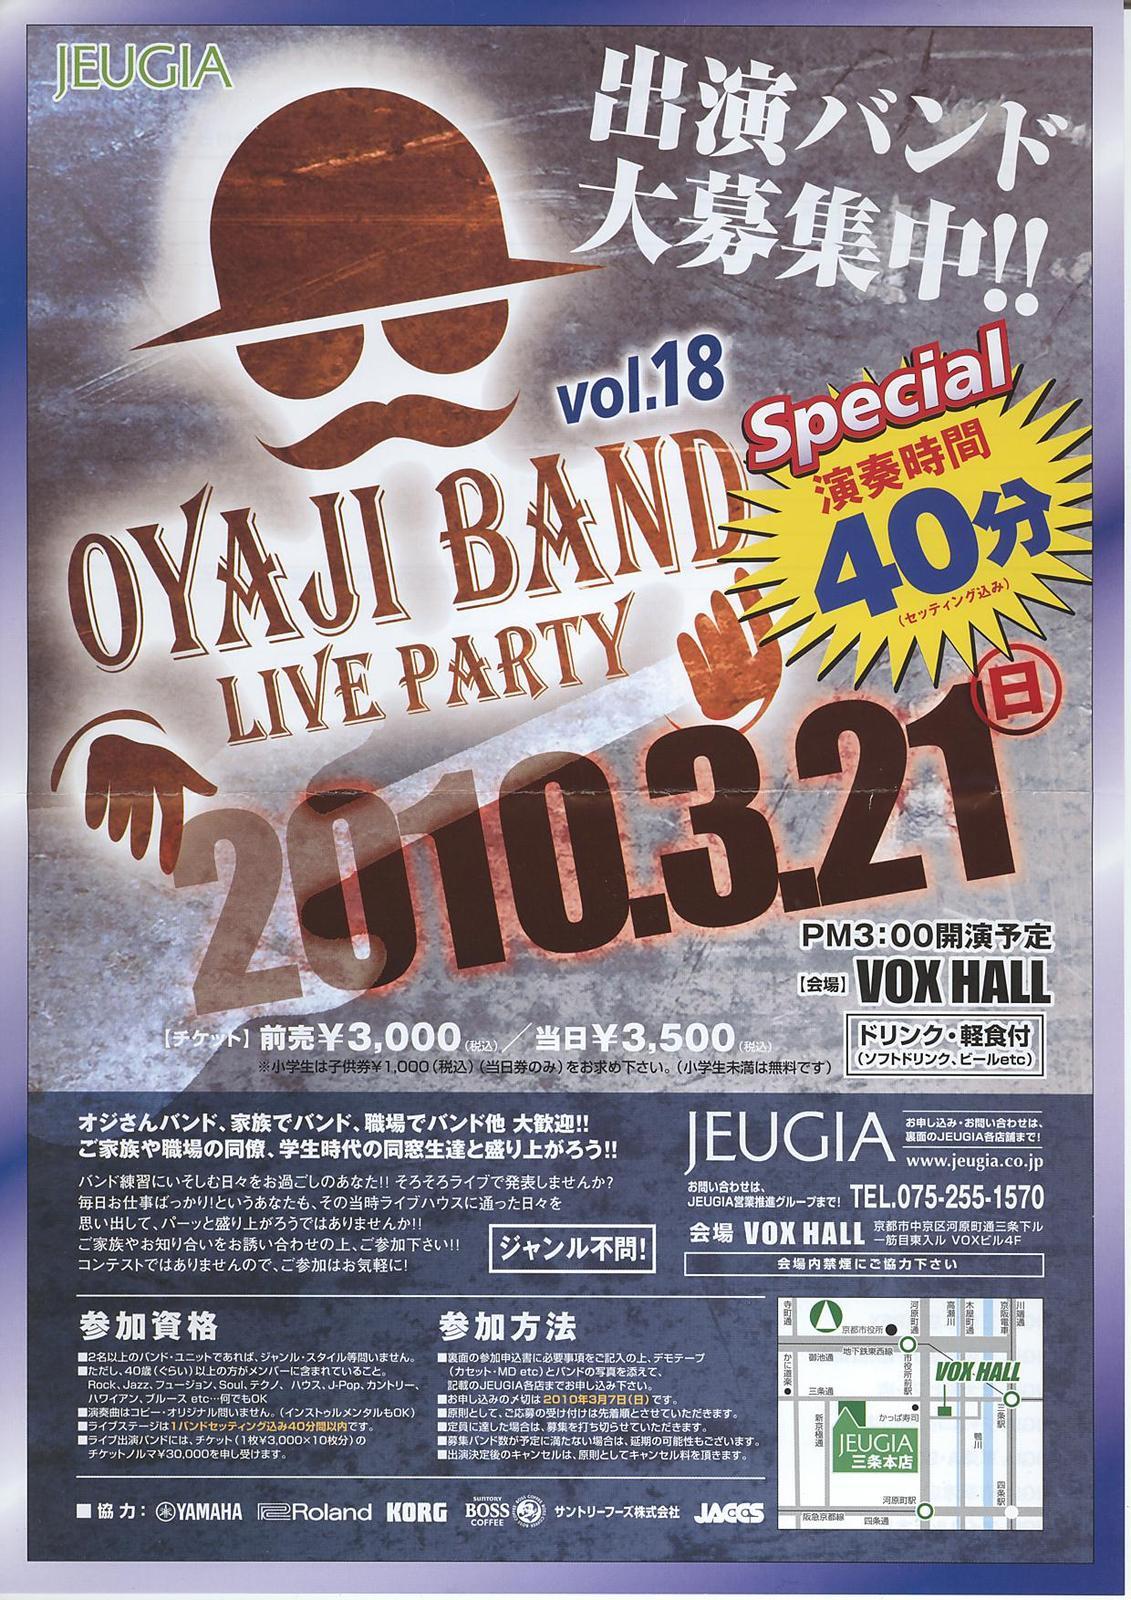 Oyaji_band